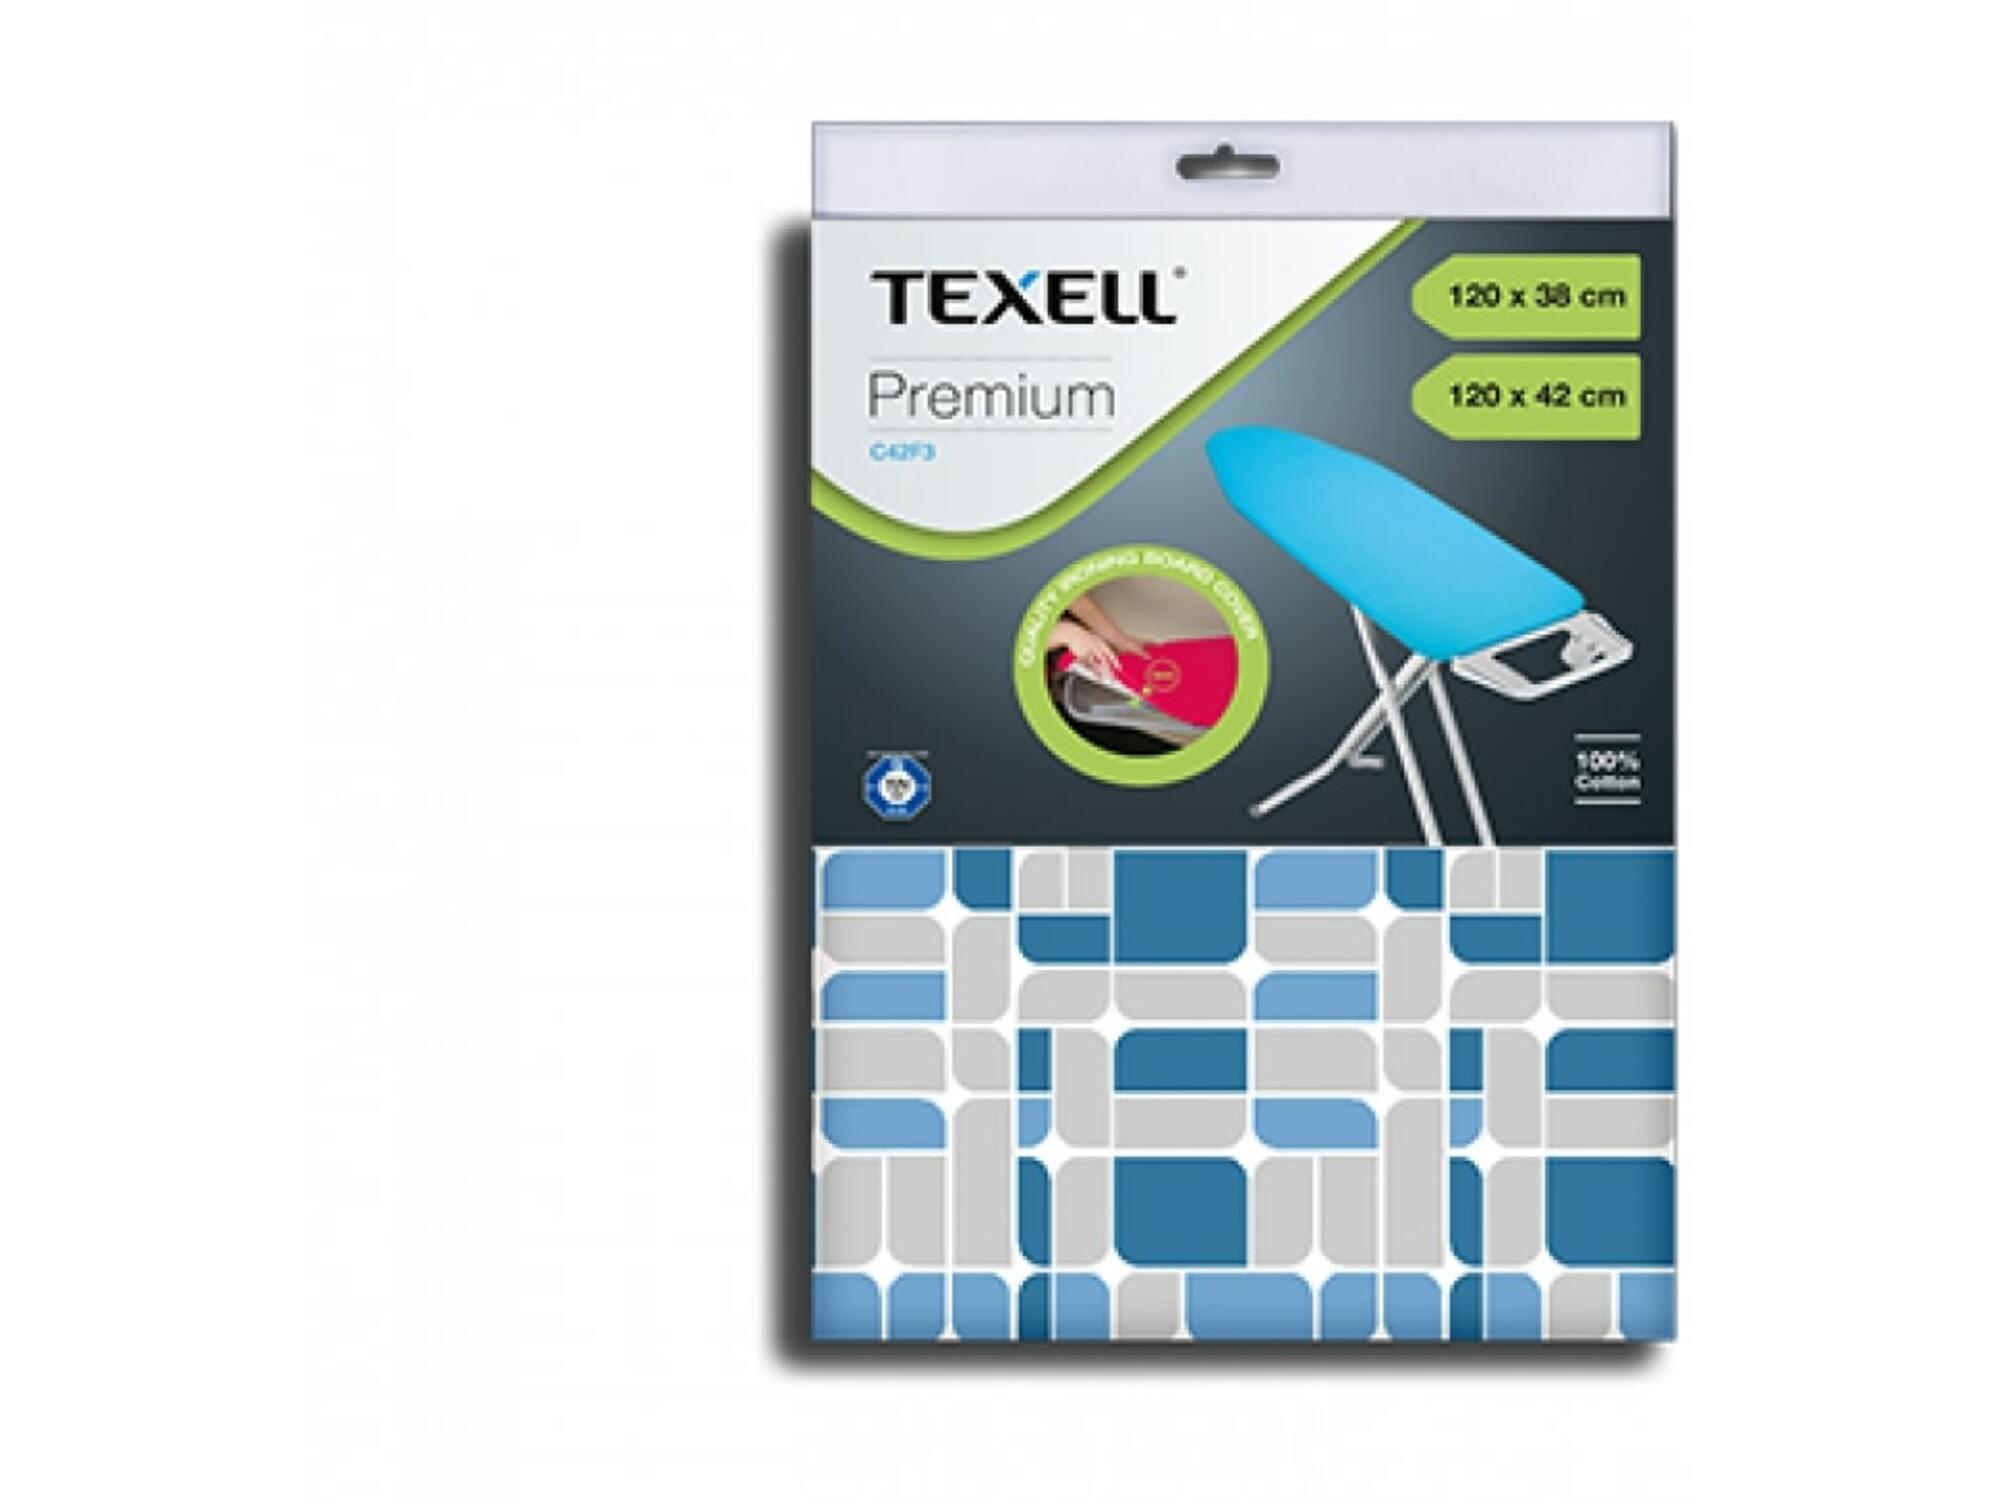 Texell Navlaka za dasku za peglanje PREMIUM C42F3